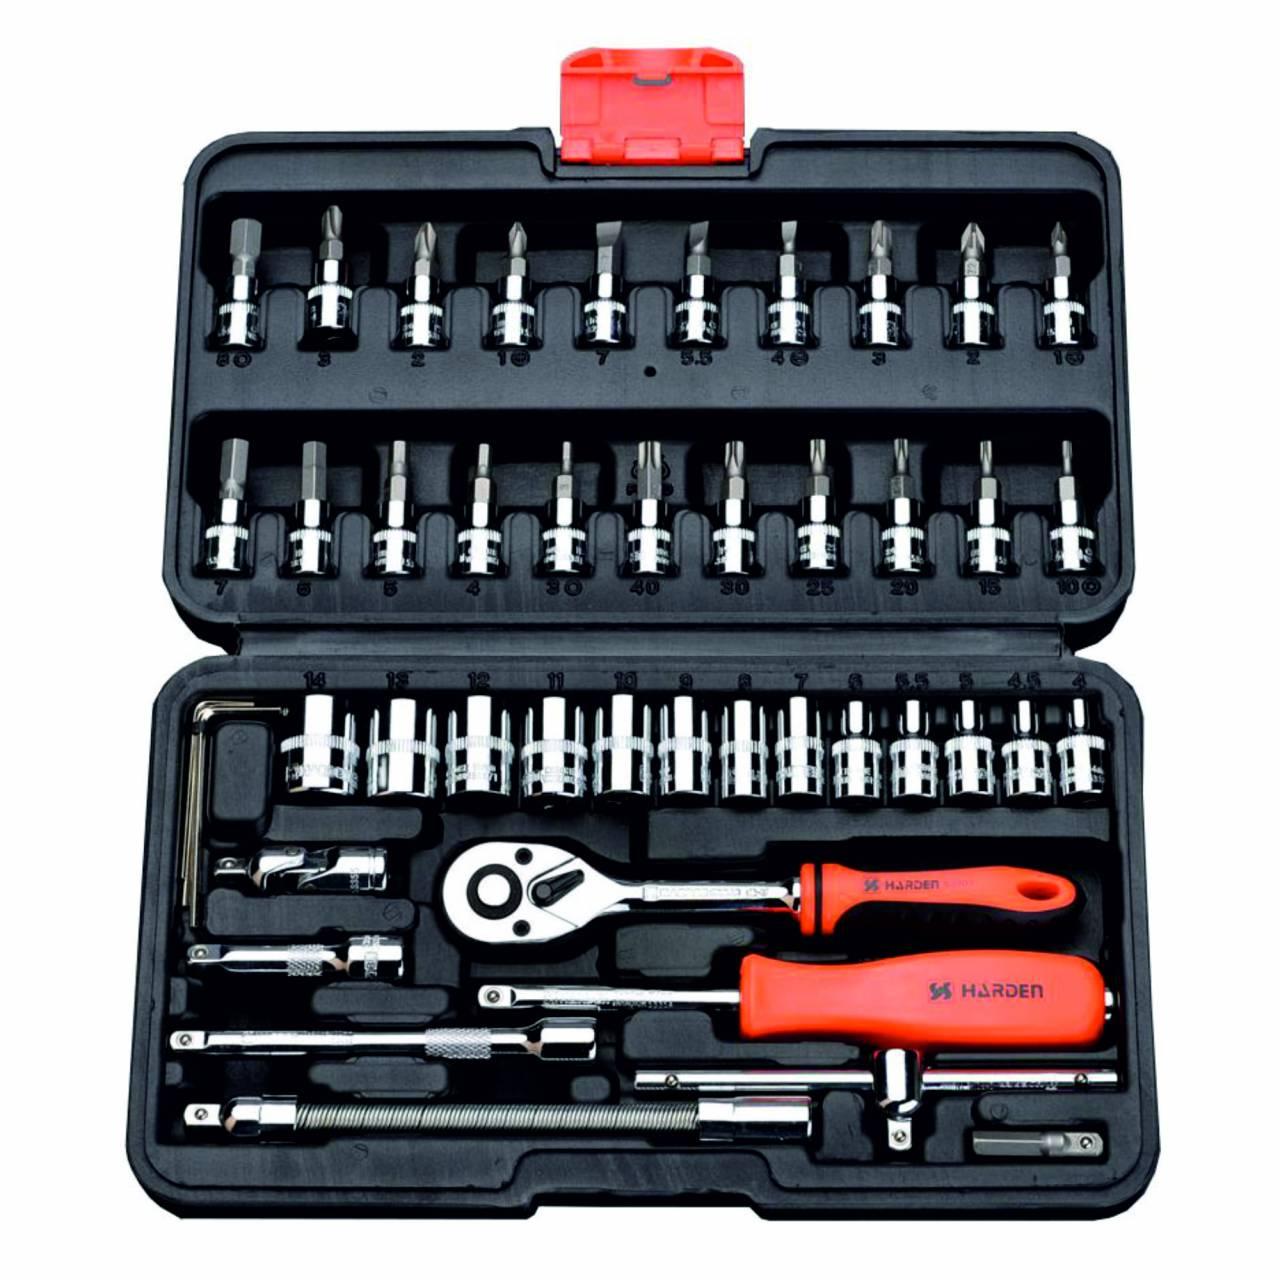 Steckschlüssel-Satz 'Harden' 46-tlg / im schlagfesten Werkzeugkoffer